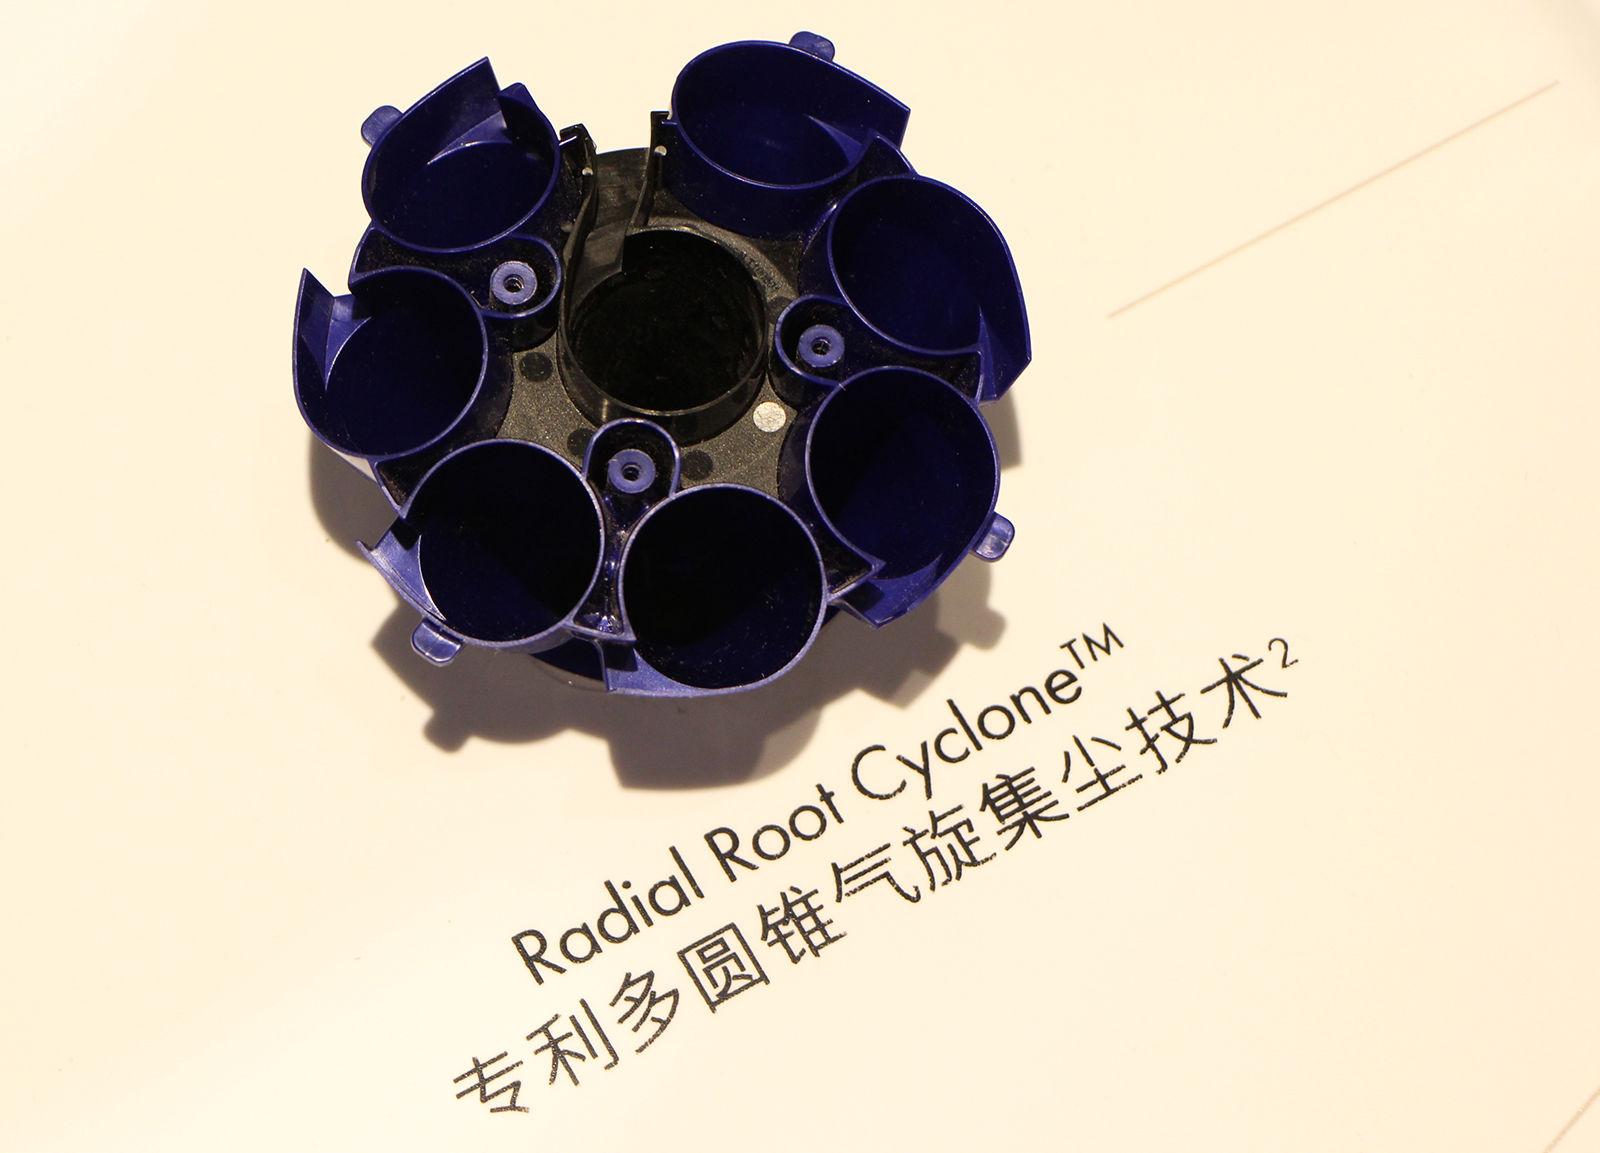 戴森 360 Eye 智能吸尘机器人体验 人工智能 第7张